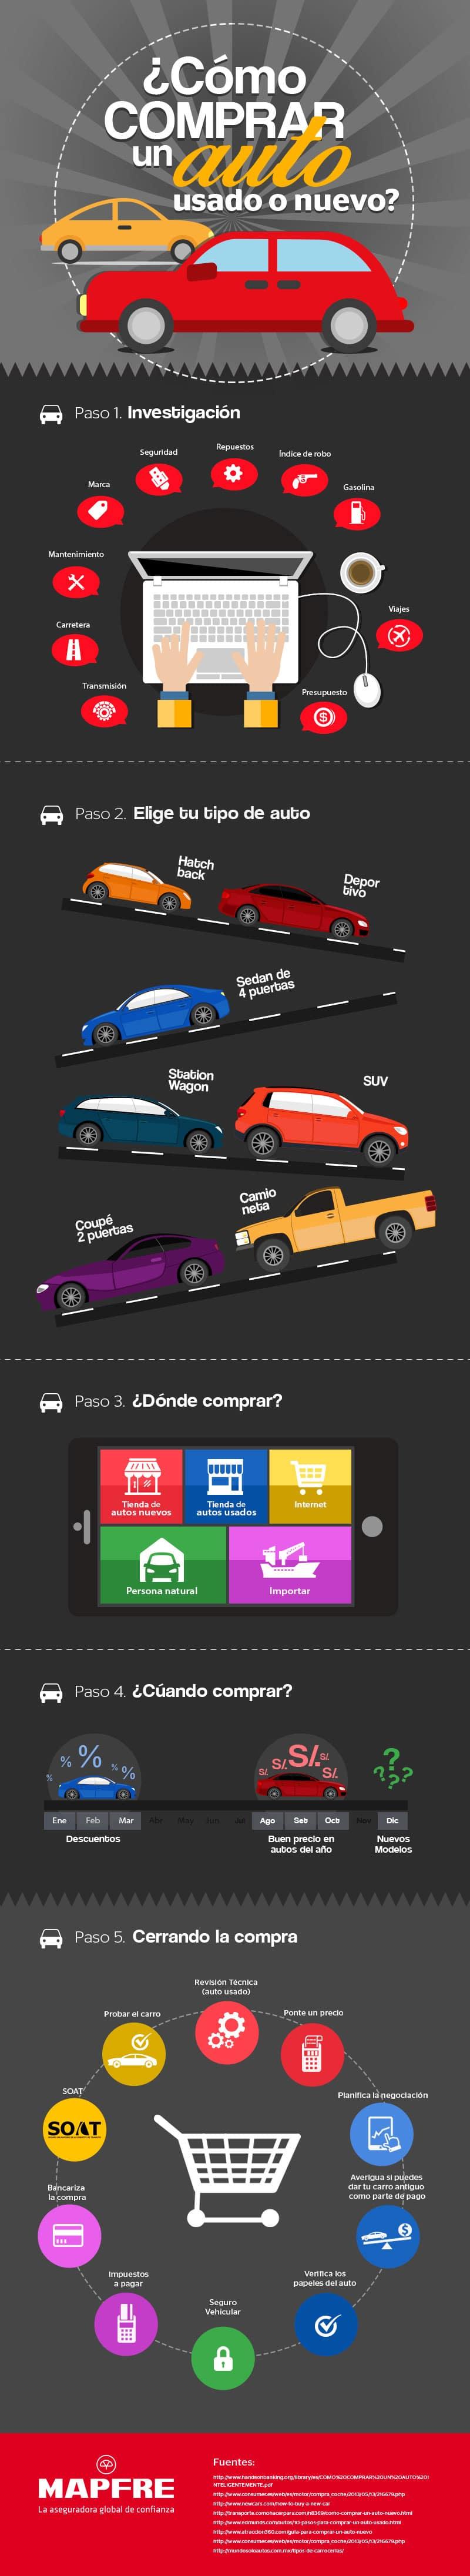 ¿Cómo comprar un auto nuevo o usado?